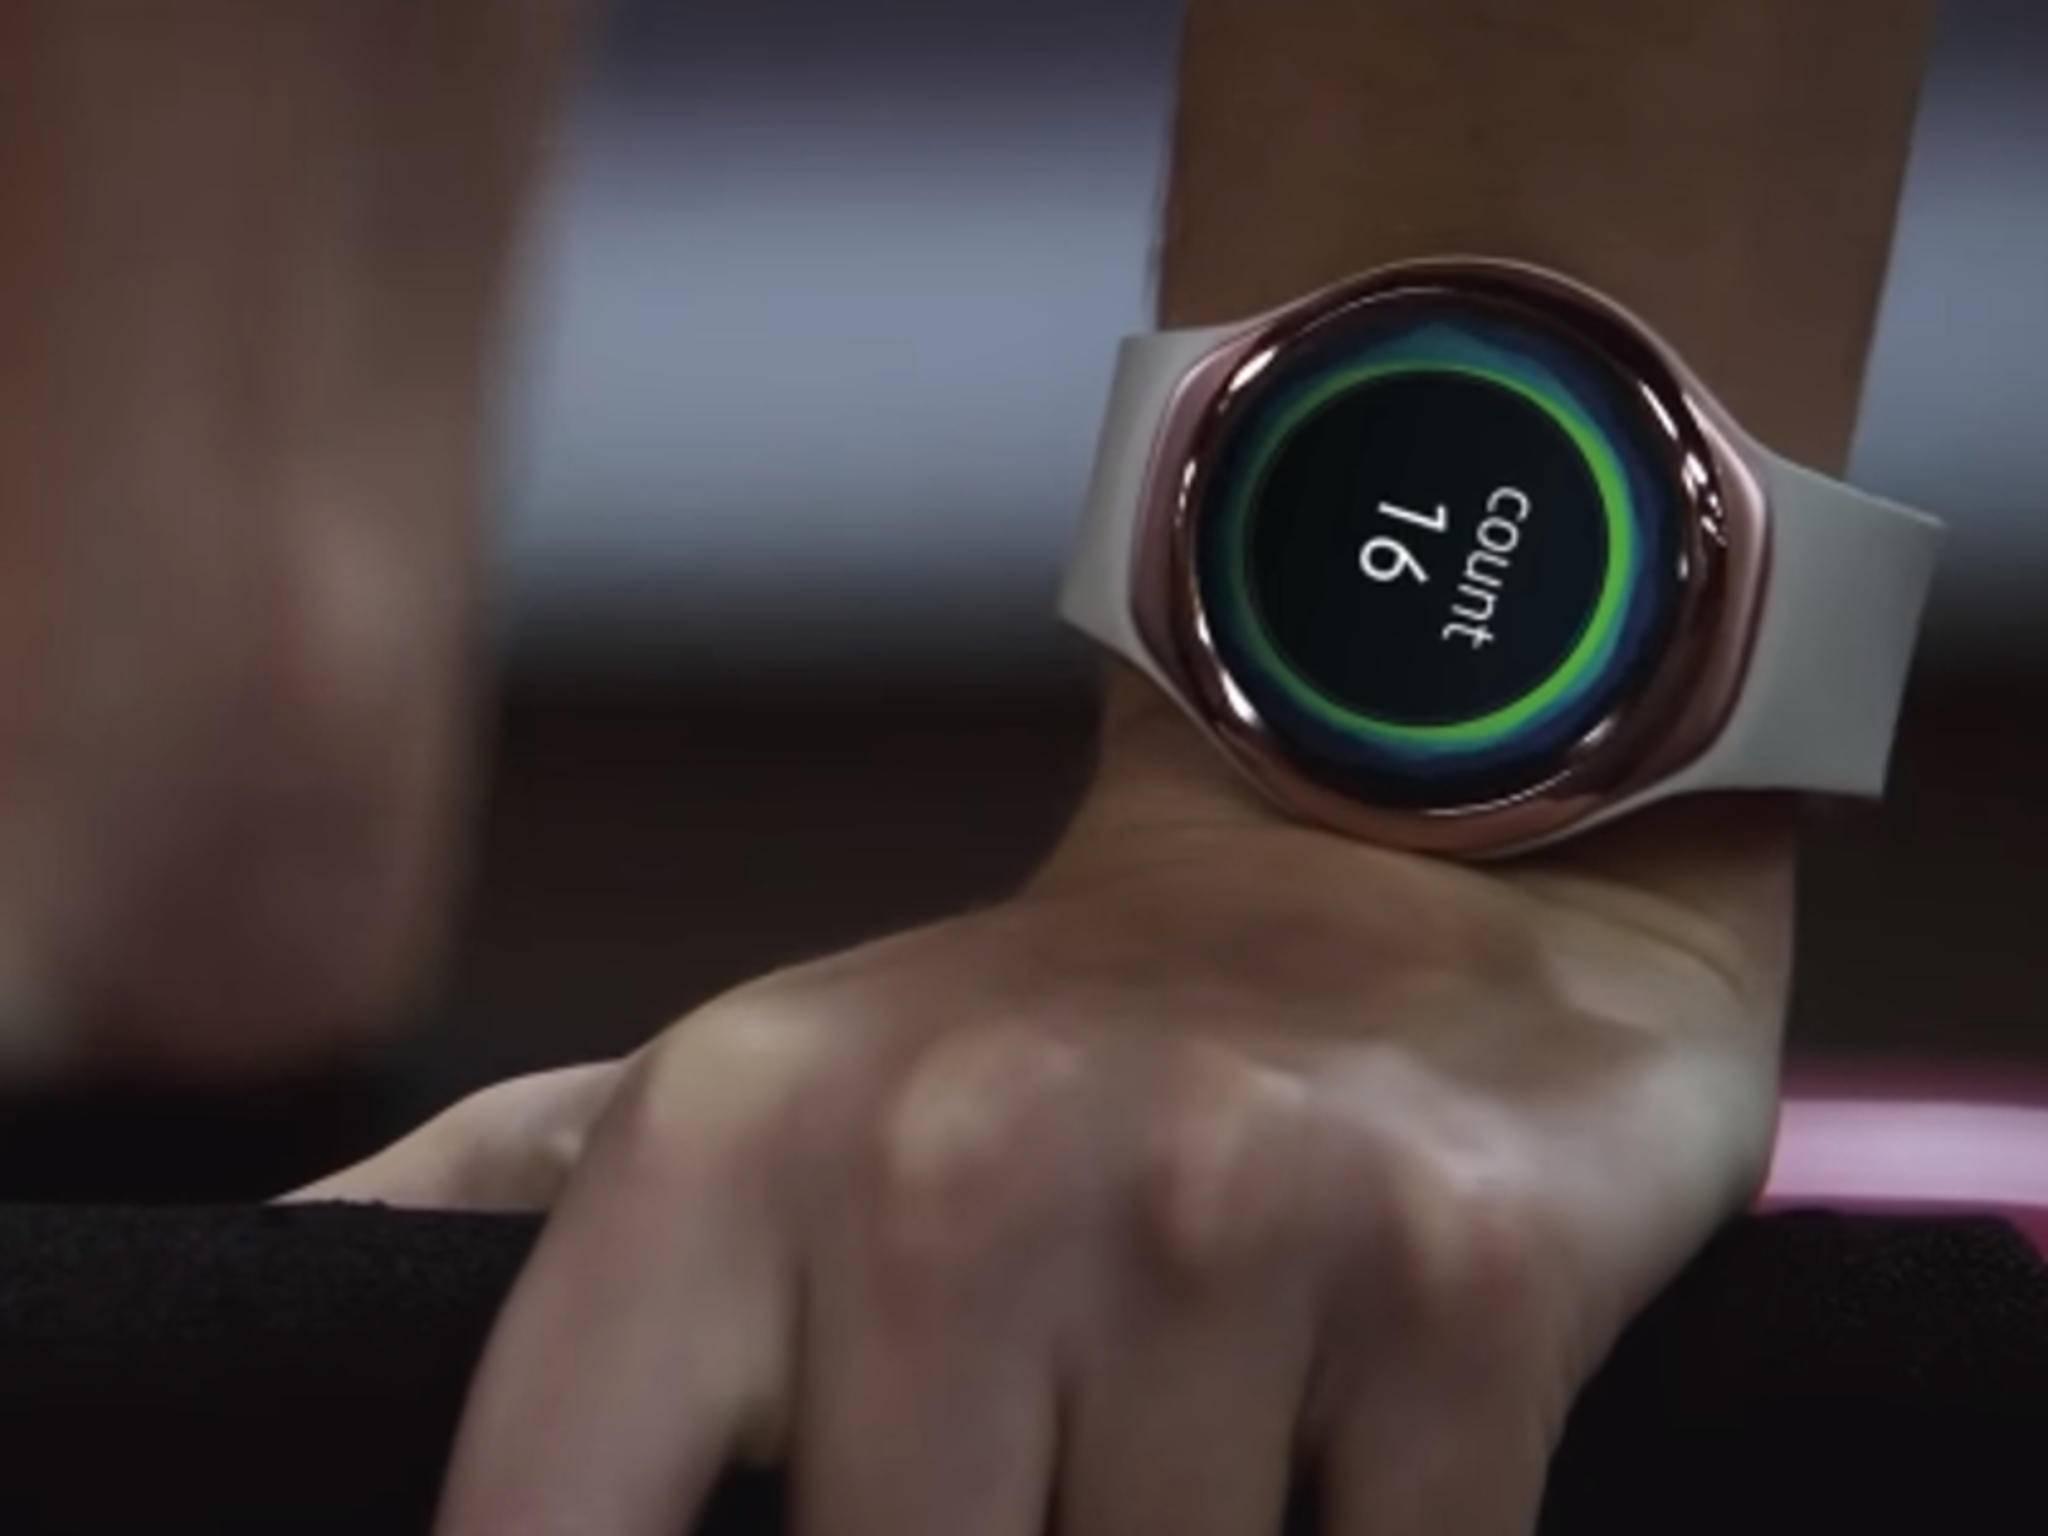 Der nächste Fitness-Tracker von Samsung soll der Gear S2 ähnlich sehen.